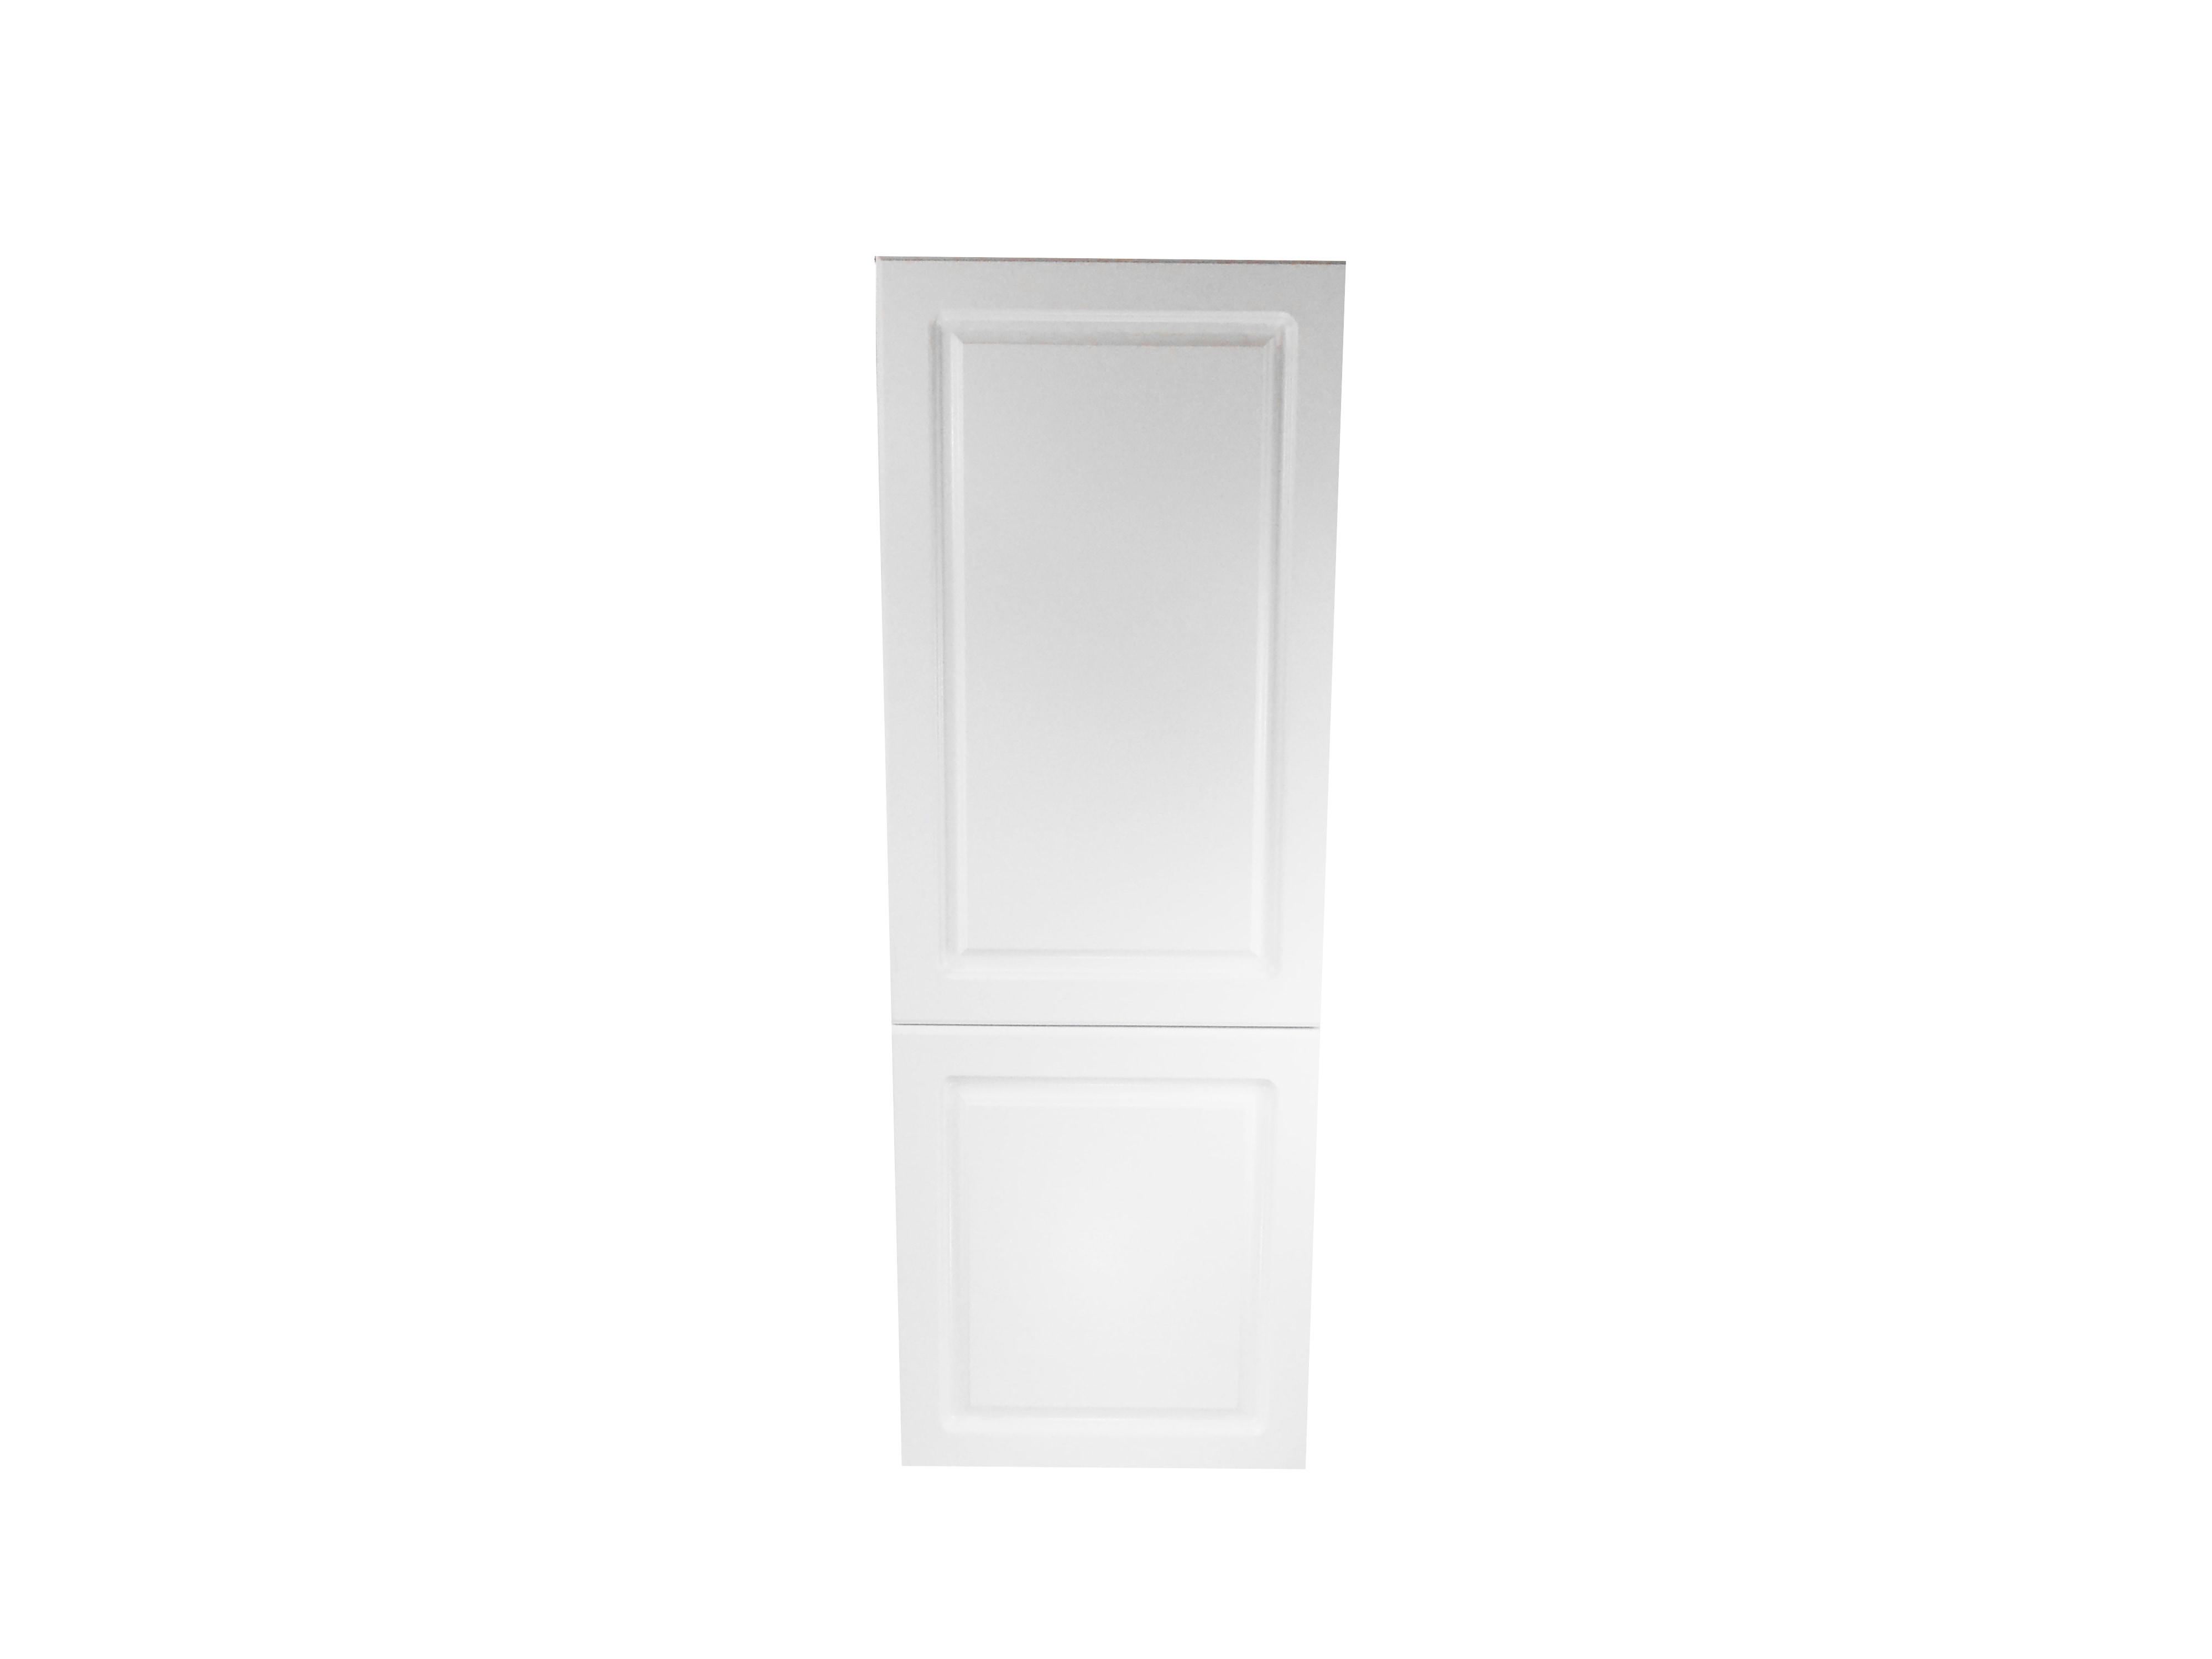 Pantry Top Cabinet / San Juan / Raised Panel White / 18x50 San Juan 0